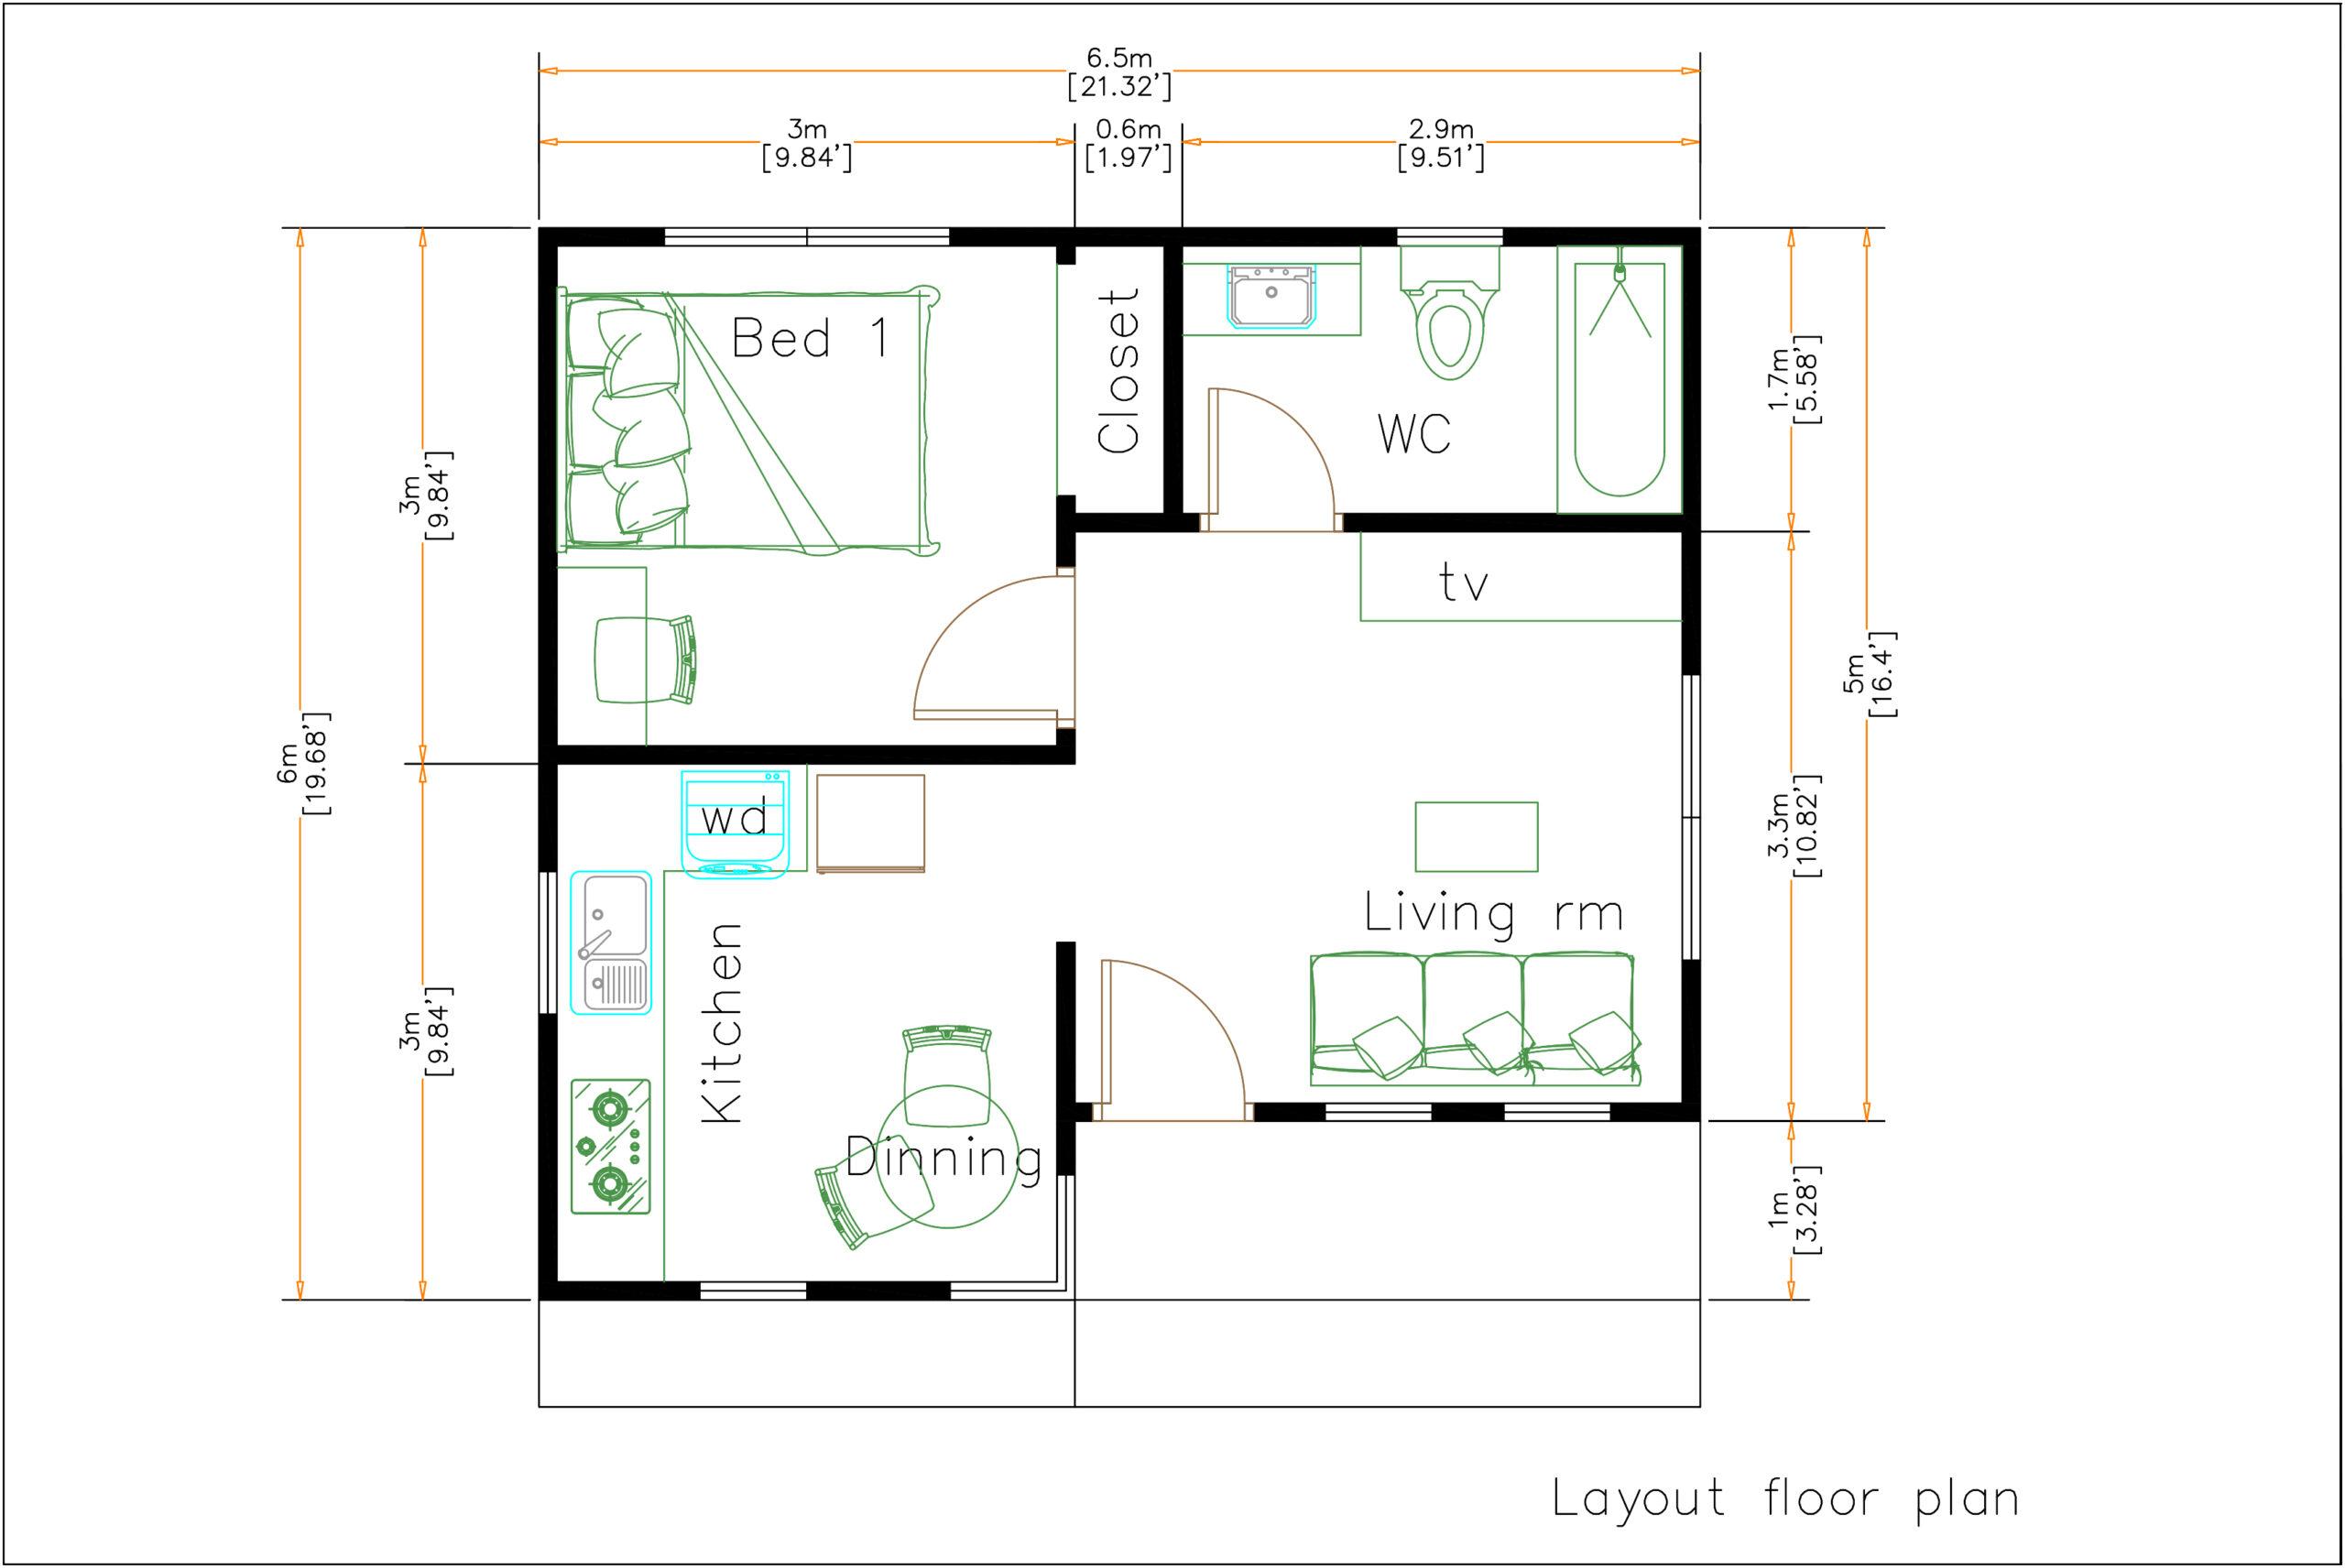 22x20 Feet Small Home Design 6 5x6 Meter Hip Roof Samhouseplans